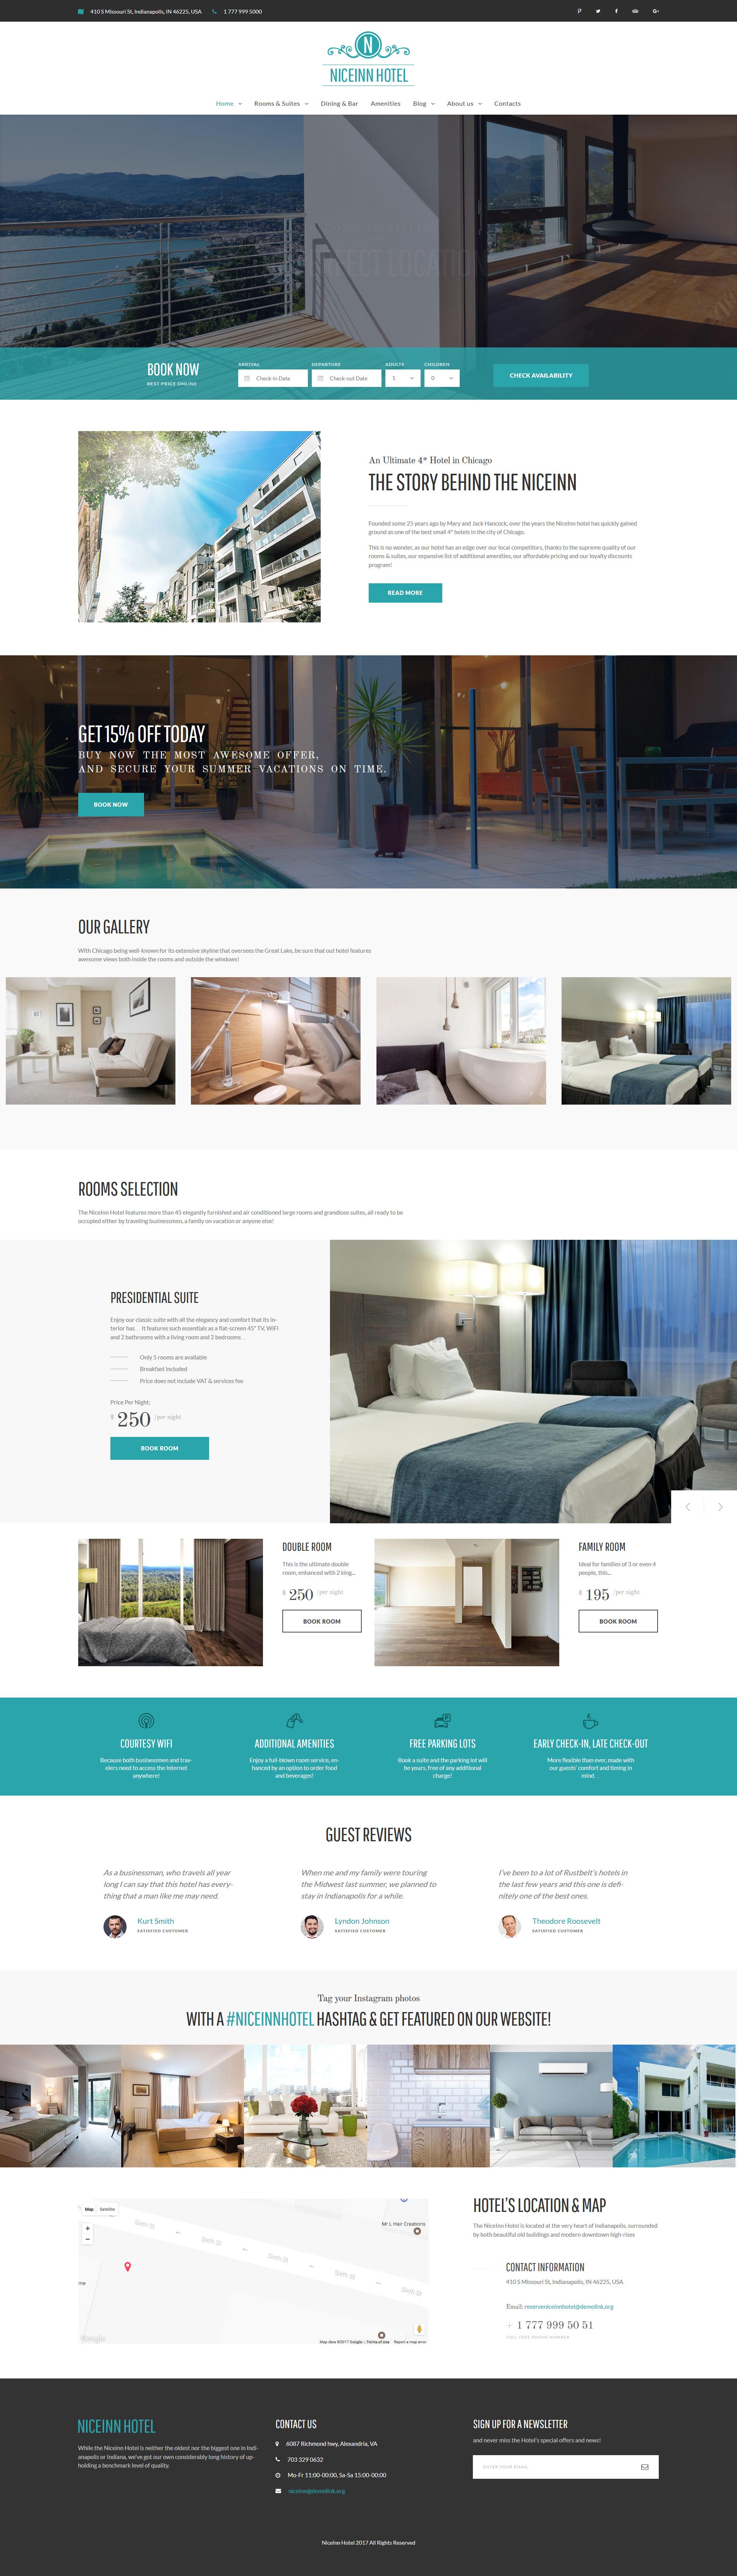 Шаблон NiceInn для сайта гостиницы #61237